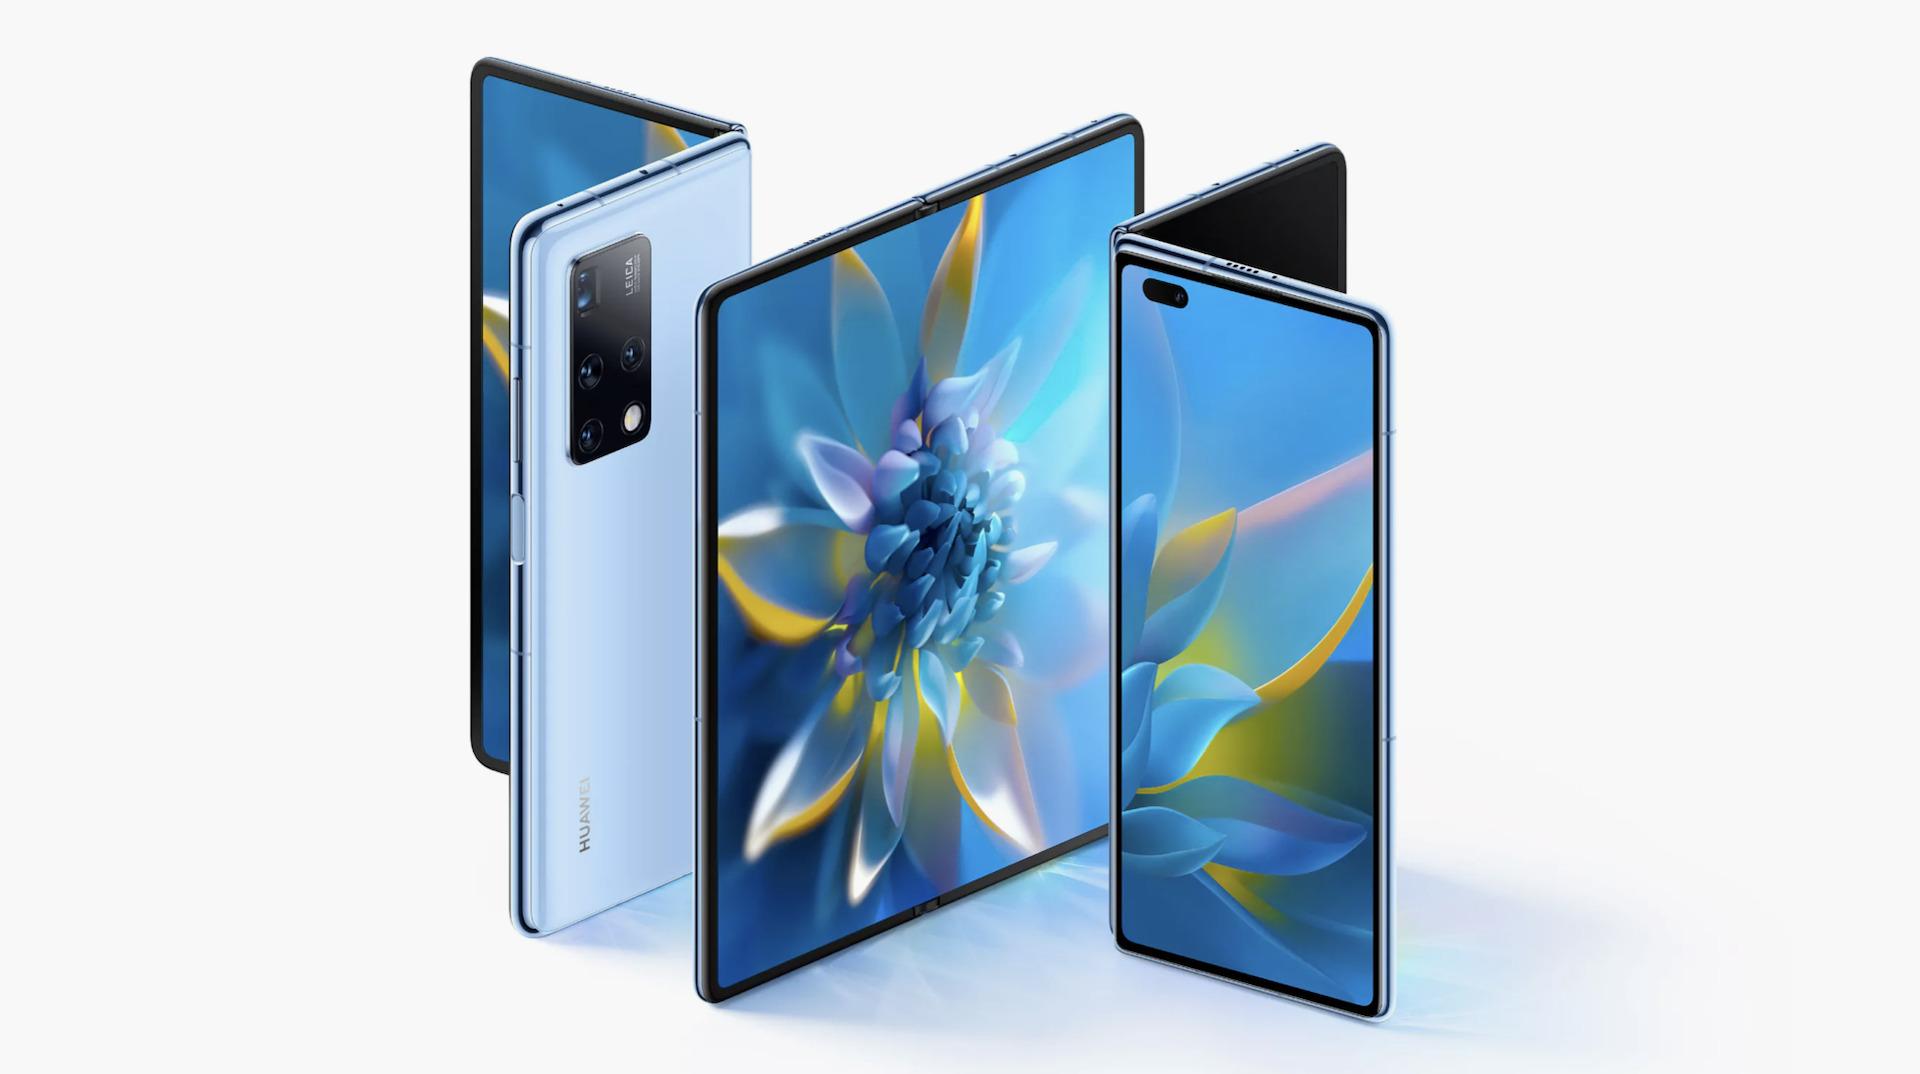 Le nouveau smartphone pliable d'Huawei est une victoire pour Samsung - Numerama